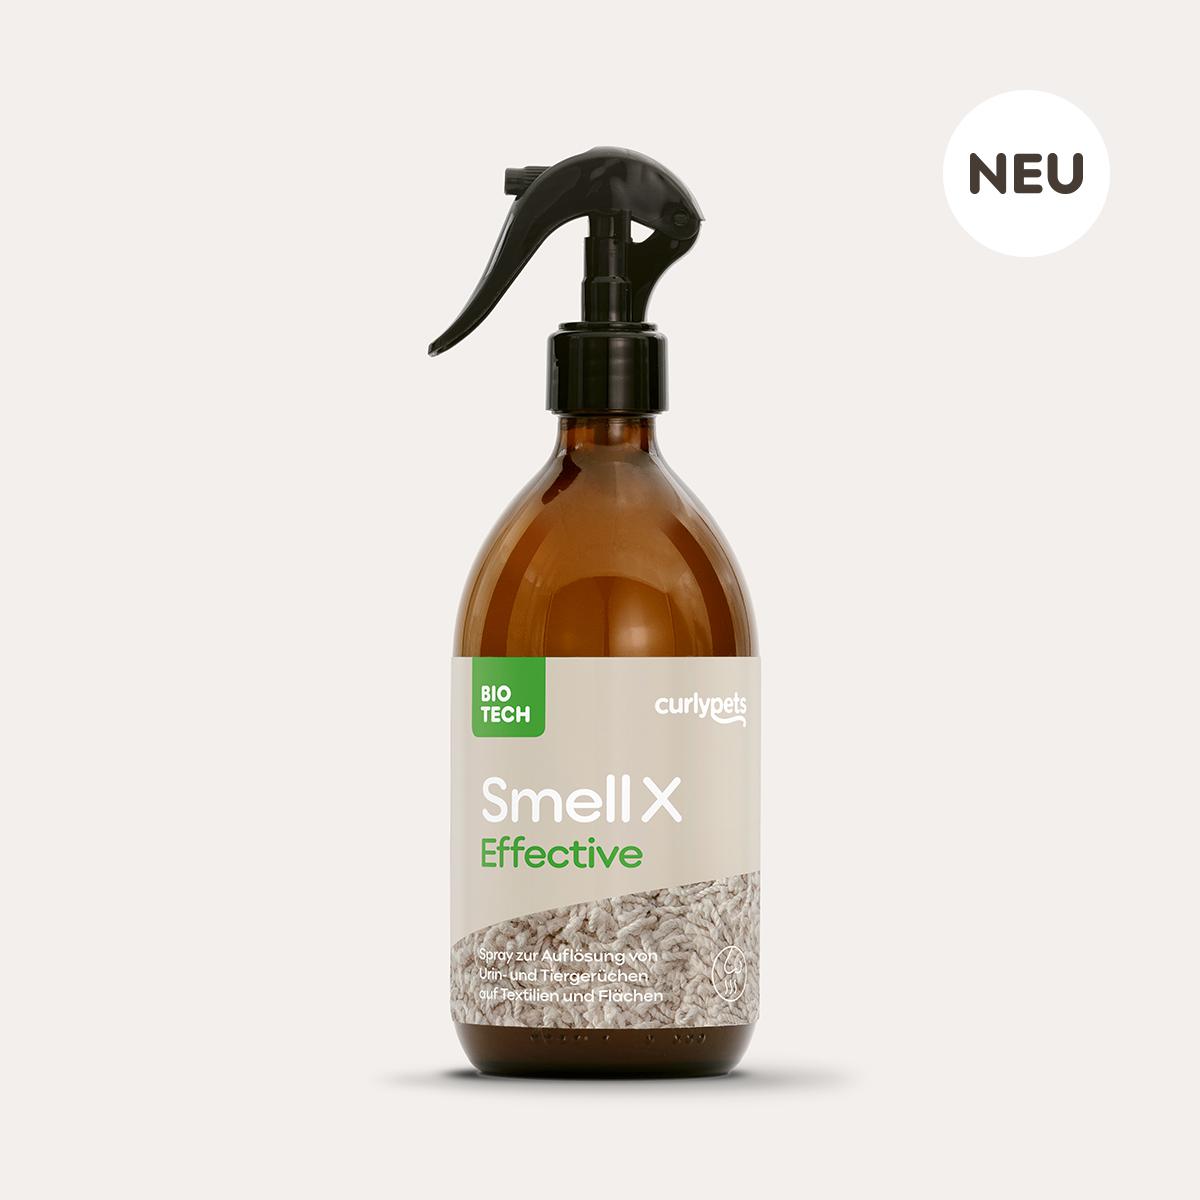 SmellX Effective braune 500ml Sprühflasche aus Glas mit Etikett